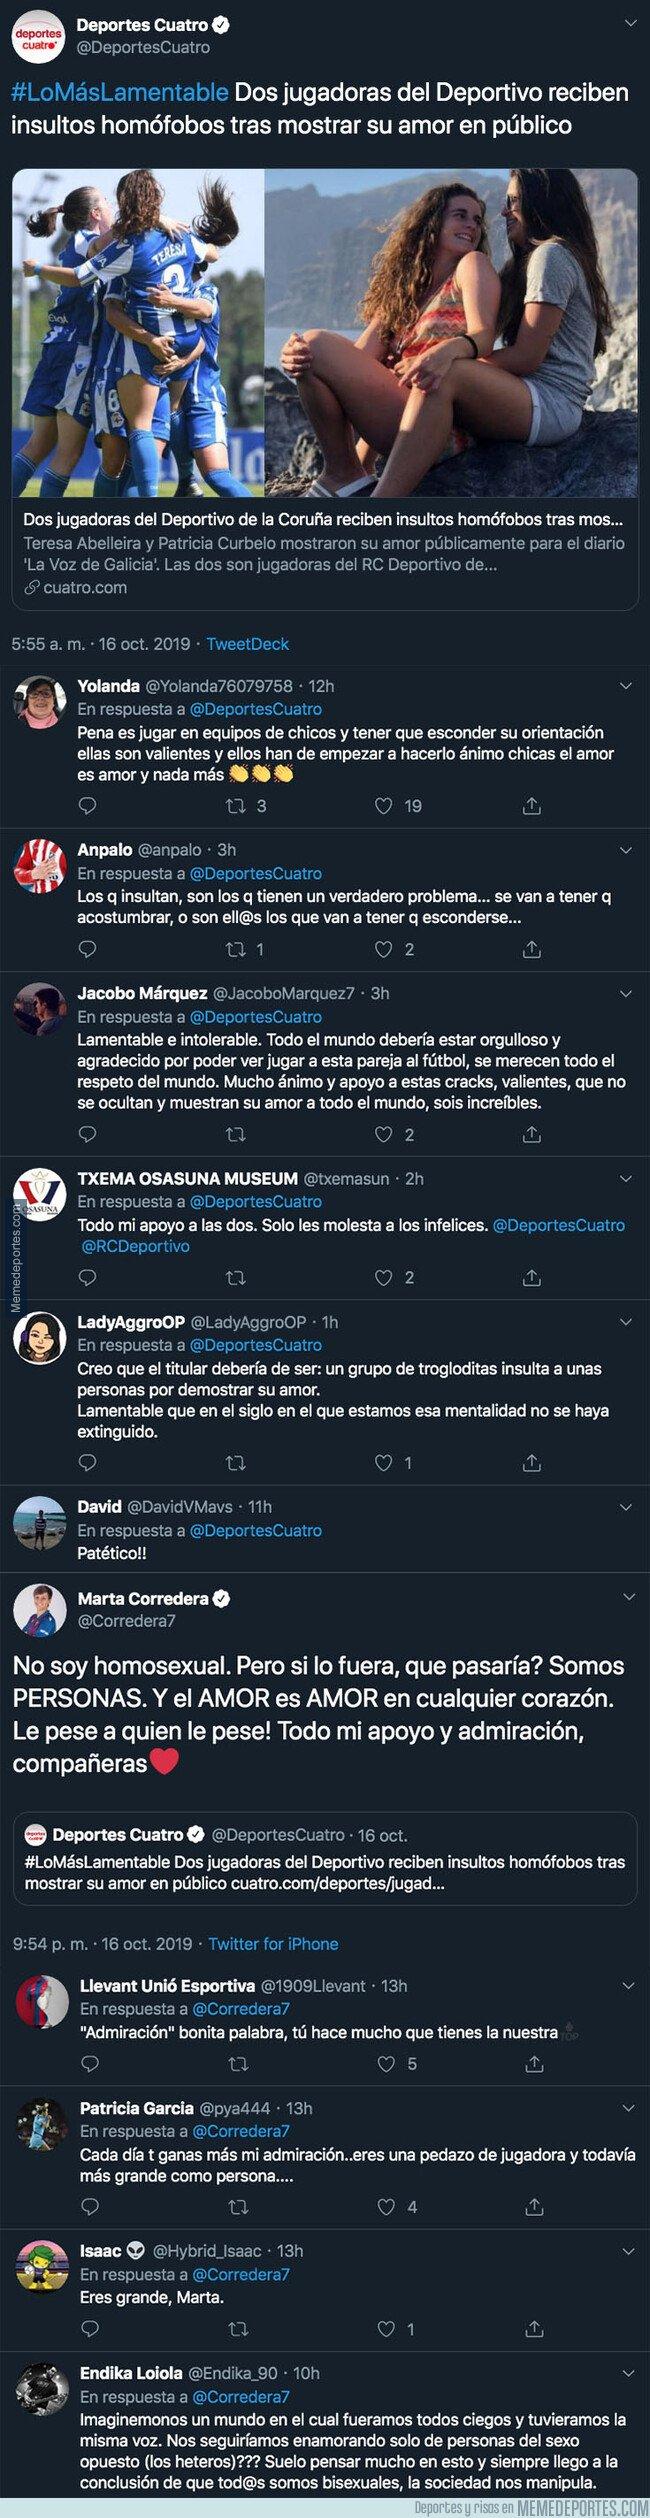 1088636 - La enorme respuesta de Marta Corredera, jugadora del Levante, defendiendo a dos del Depor tras haber recibido insultos homófobos en un partido